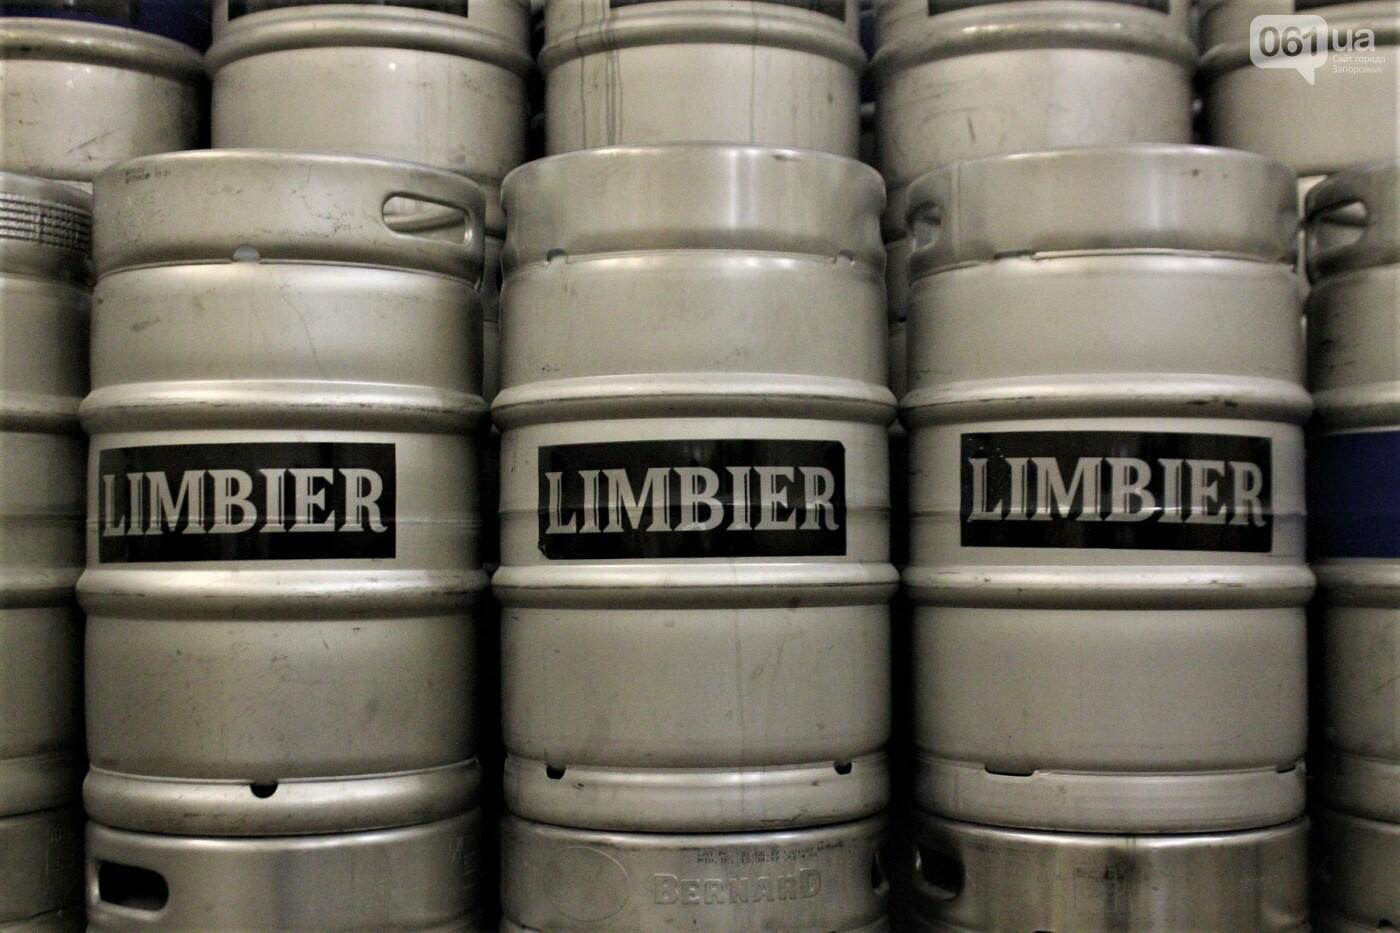 Как в Запорожье готовят крафтовое пиво «Limbier»: экскурсия на производство, – ФОТОРЕПОРТАЖ, фото-18